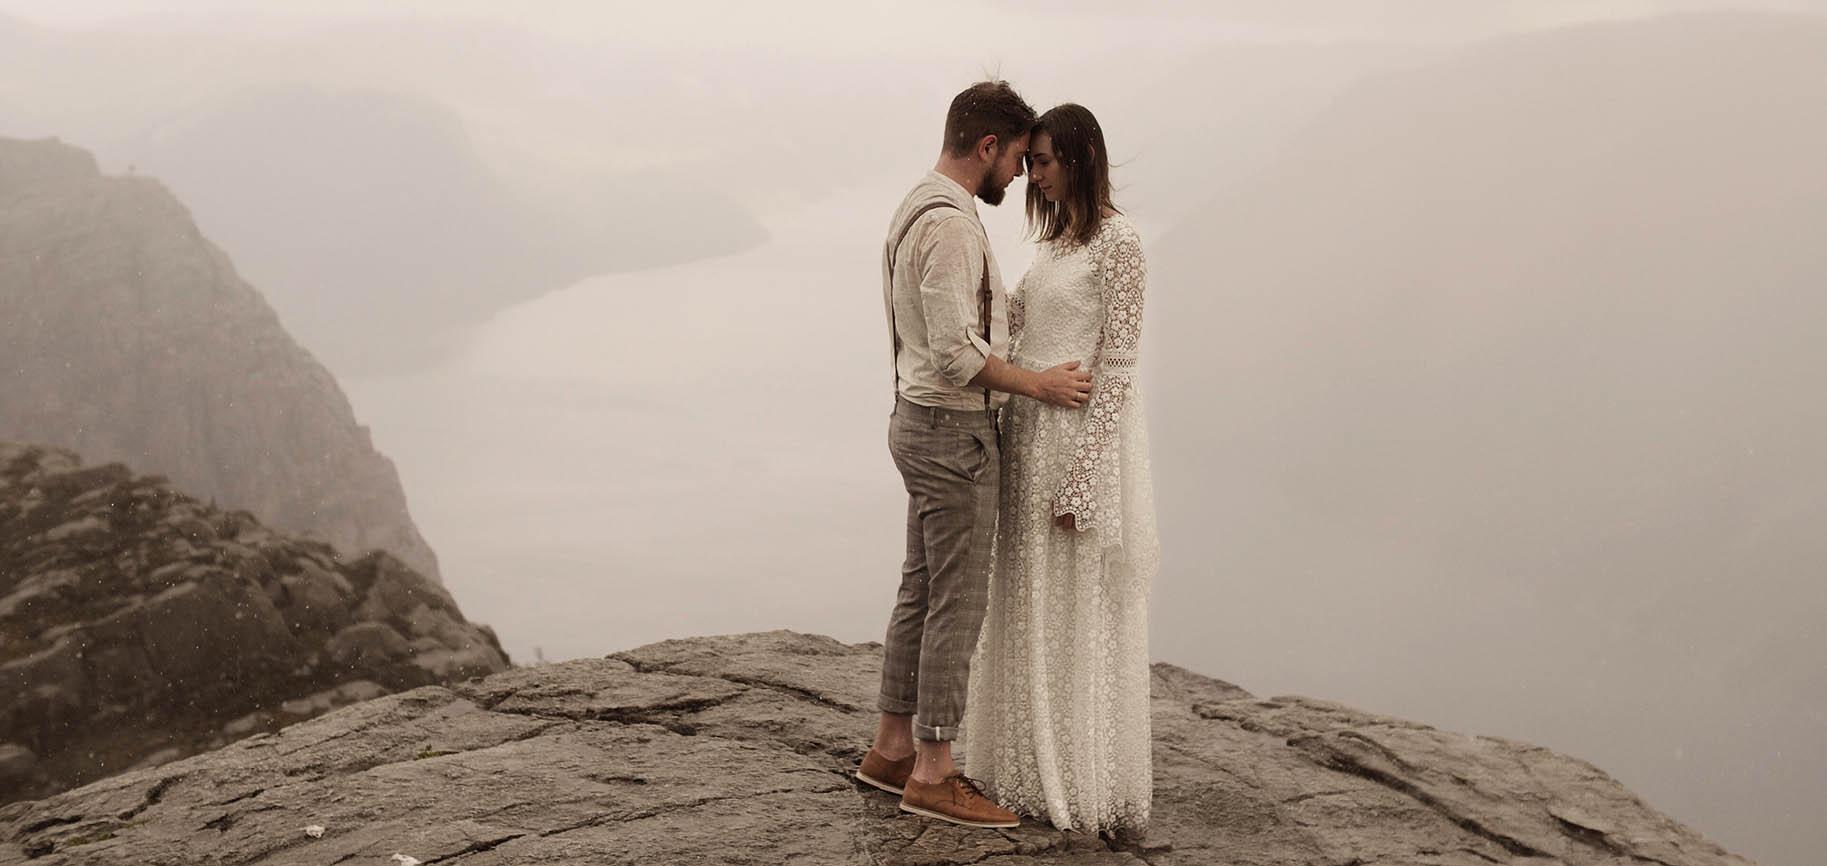 ceglarnia jarosławki ślub plenerowy wesele ananasowe wesele - stavanger preikestolen norwegia sesja film ślubny